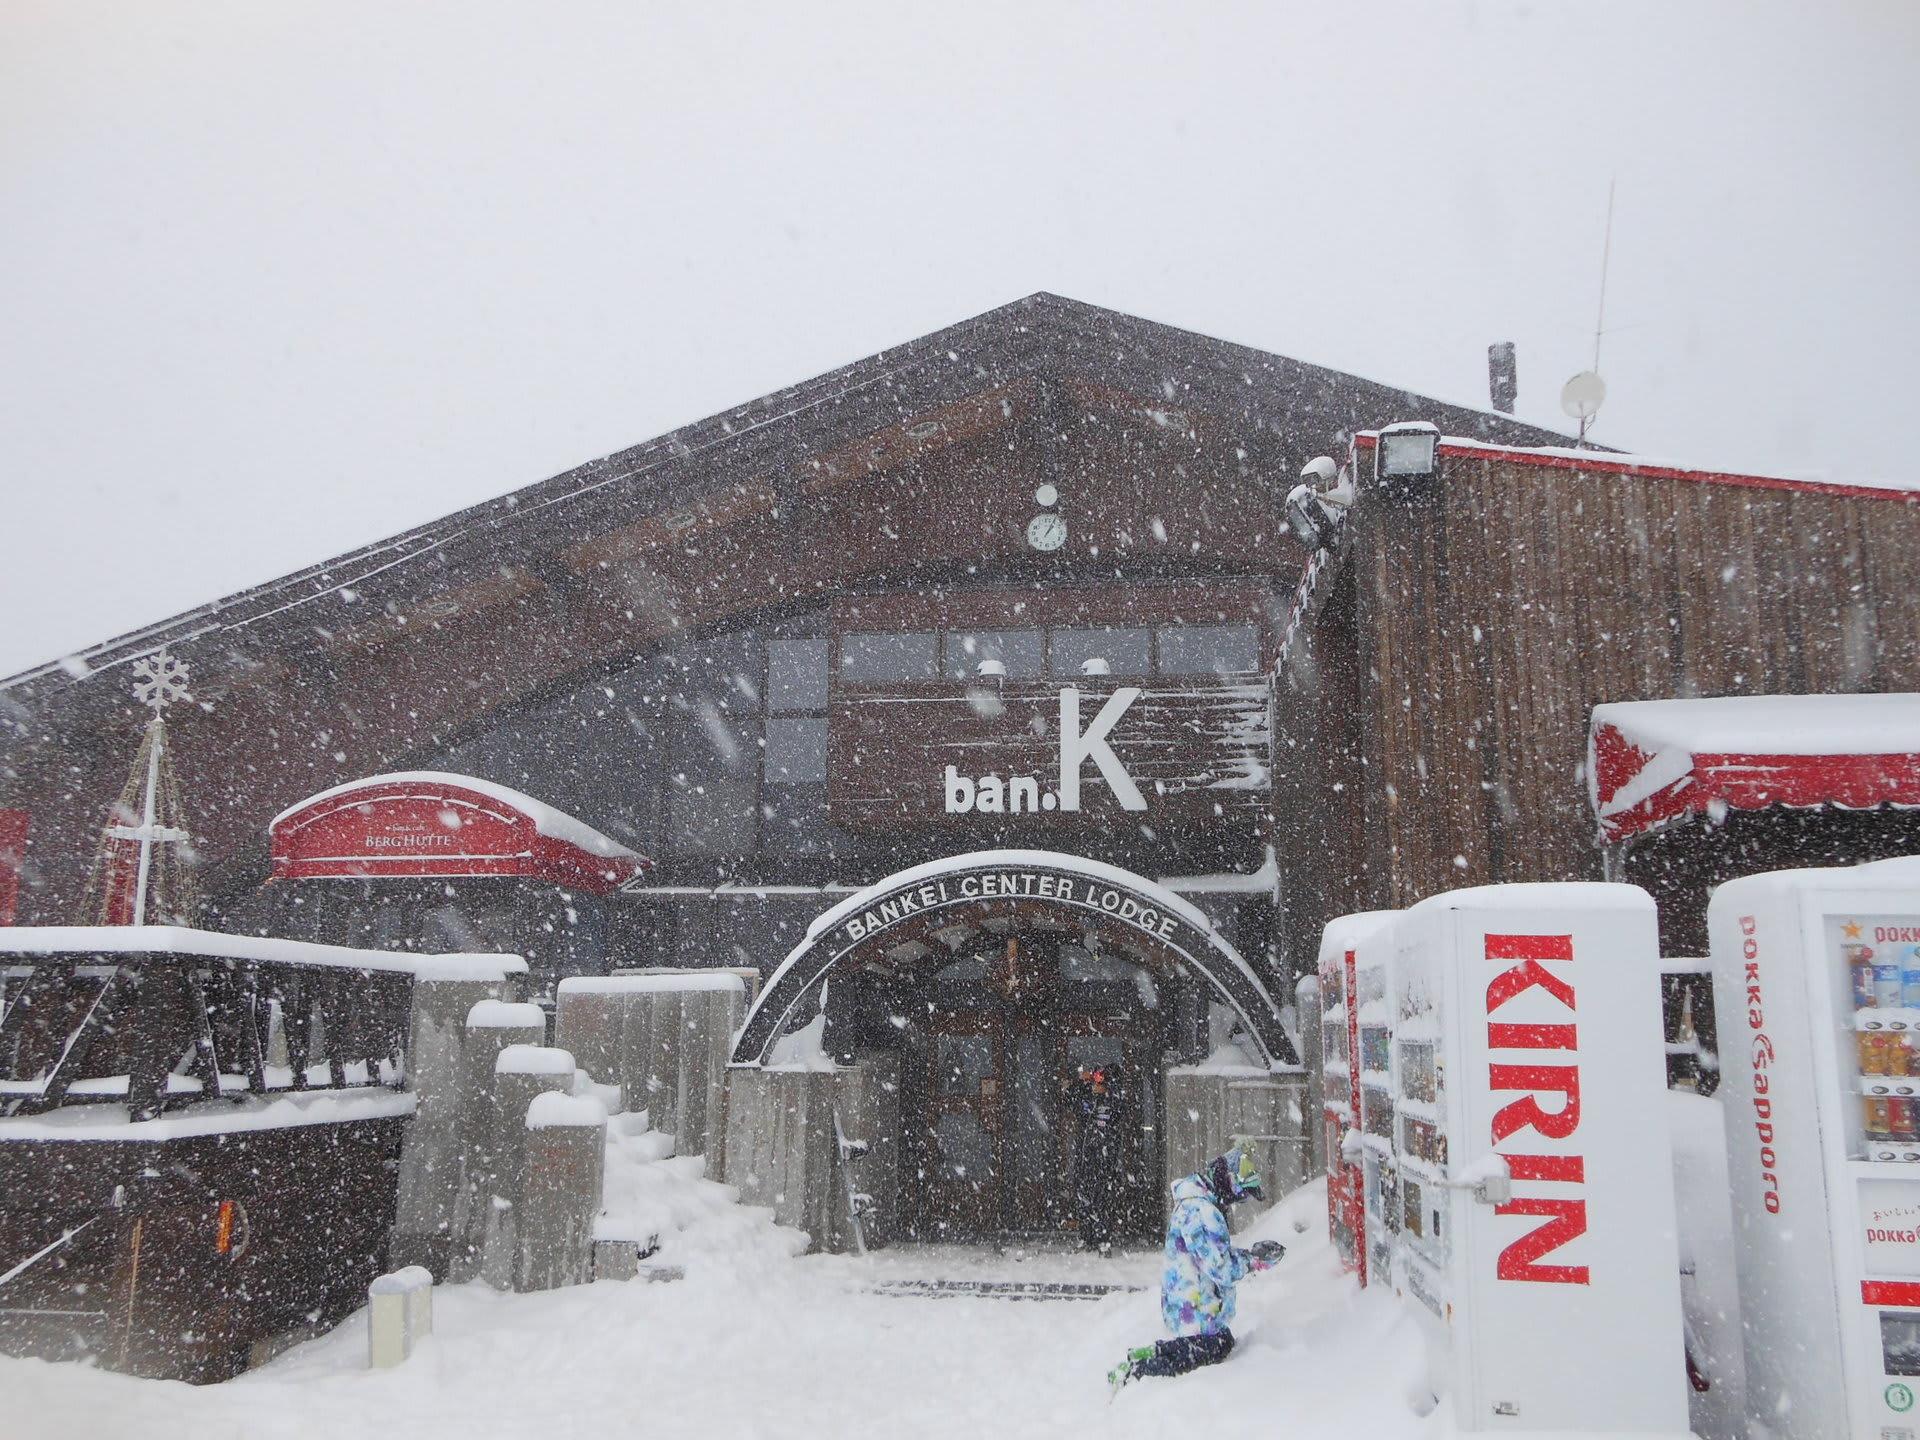 ばんけい スキー 場